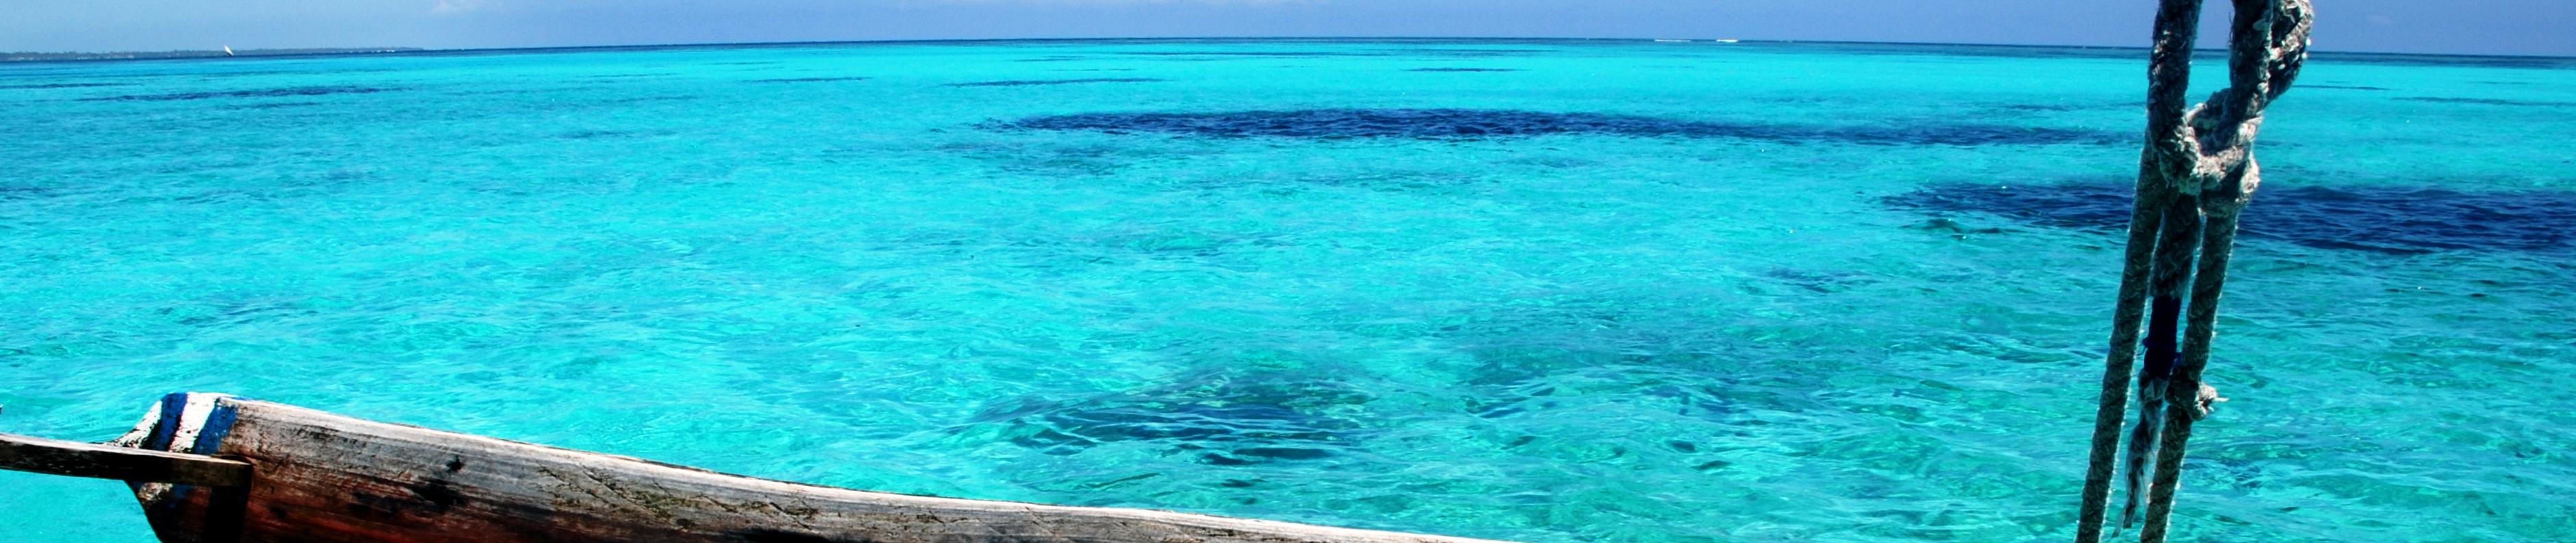 Jambiani sea